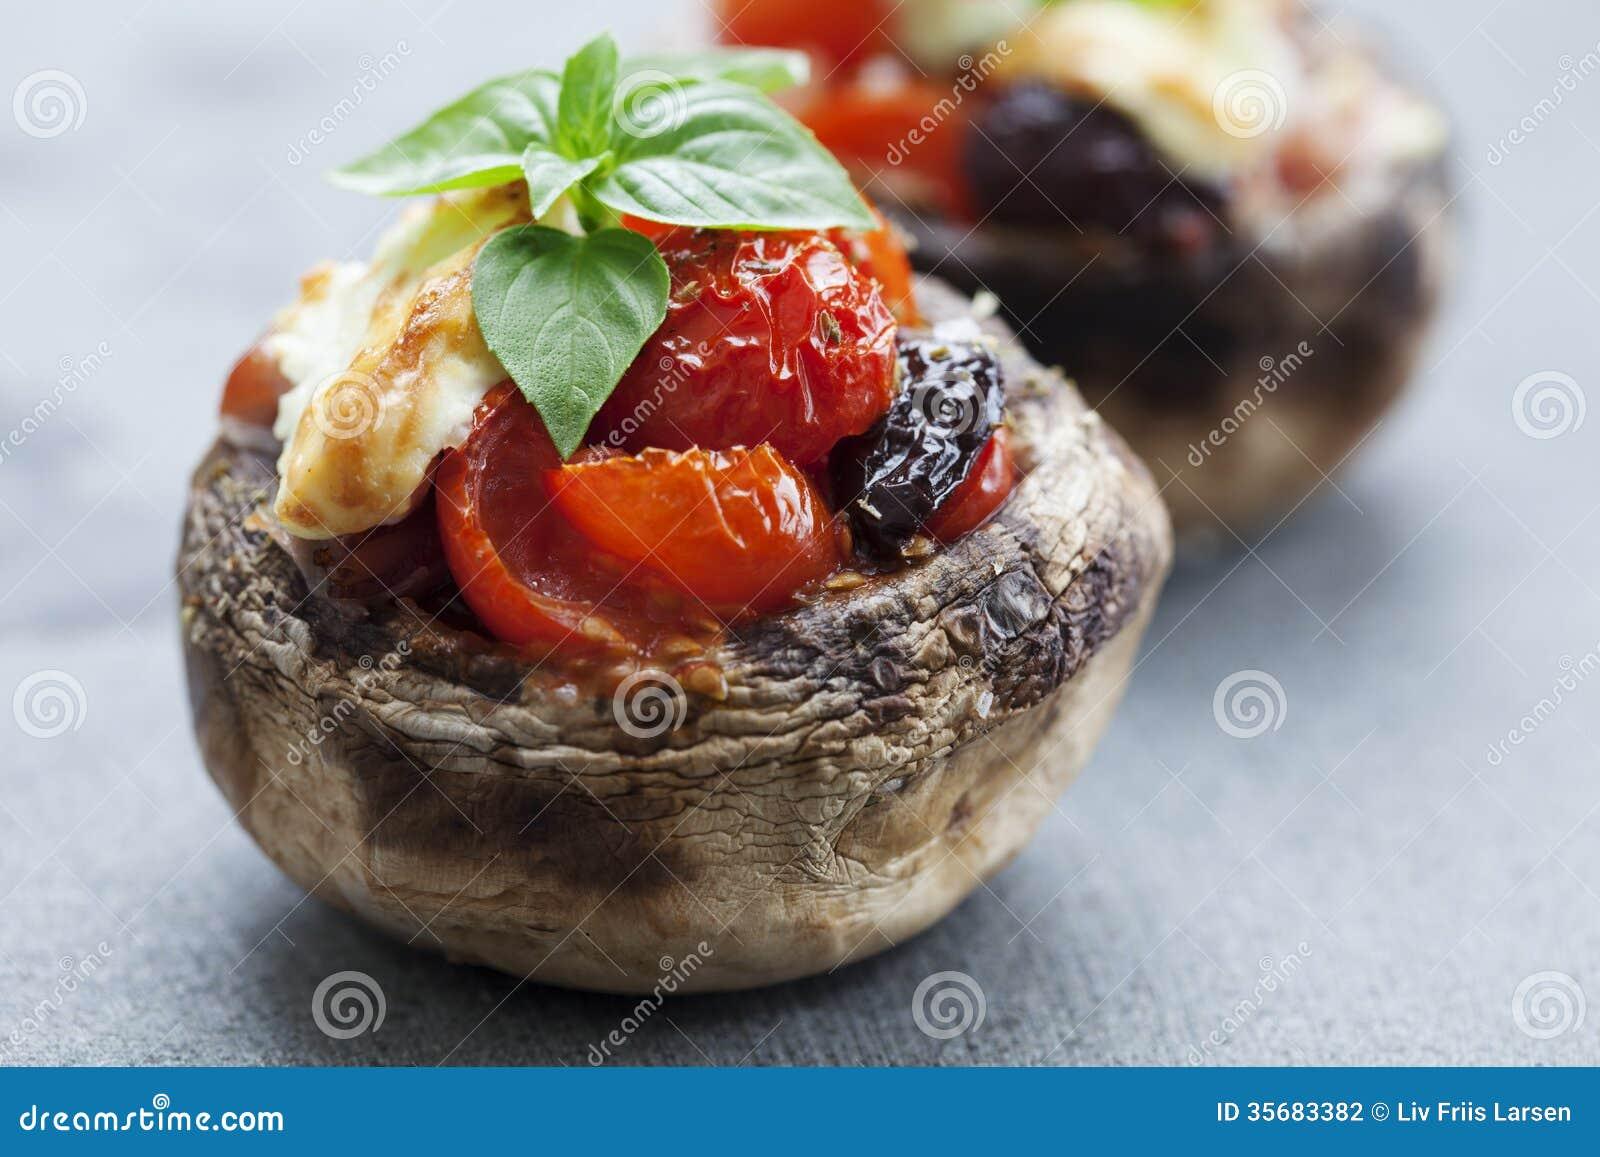 Tomato-Olive Stuffing Recipe — Dishmaps